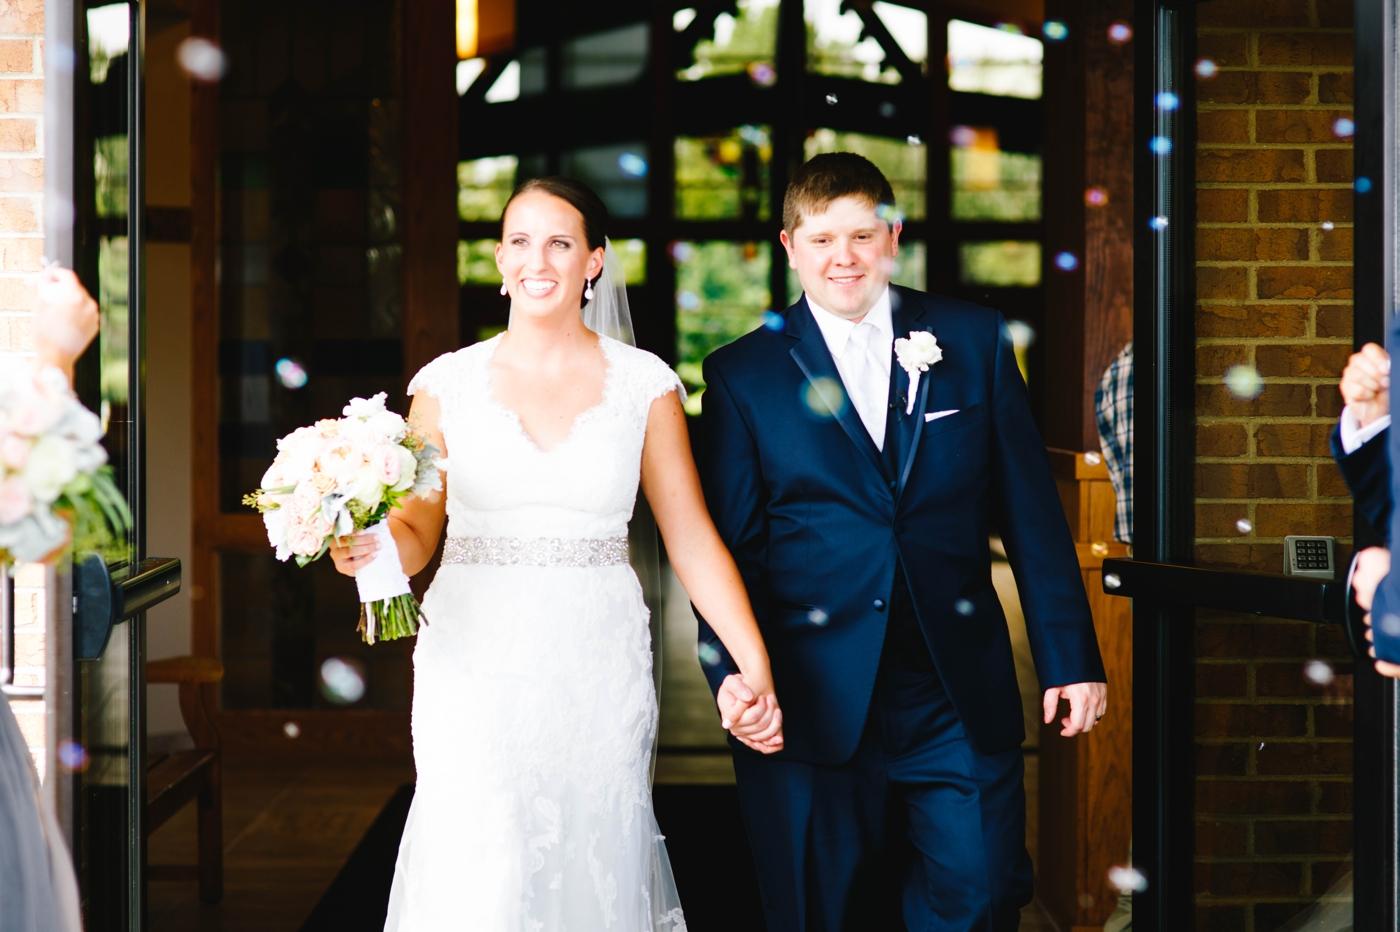 chicago-fine-art-wedding-photography-neuendank19